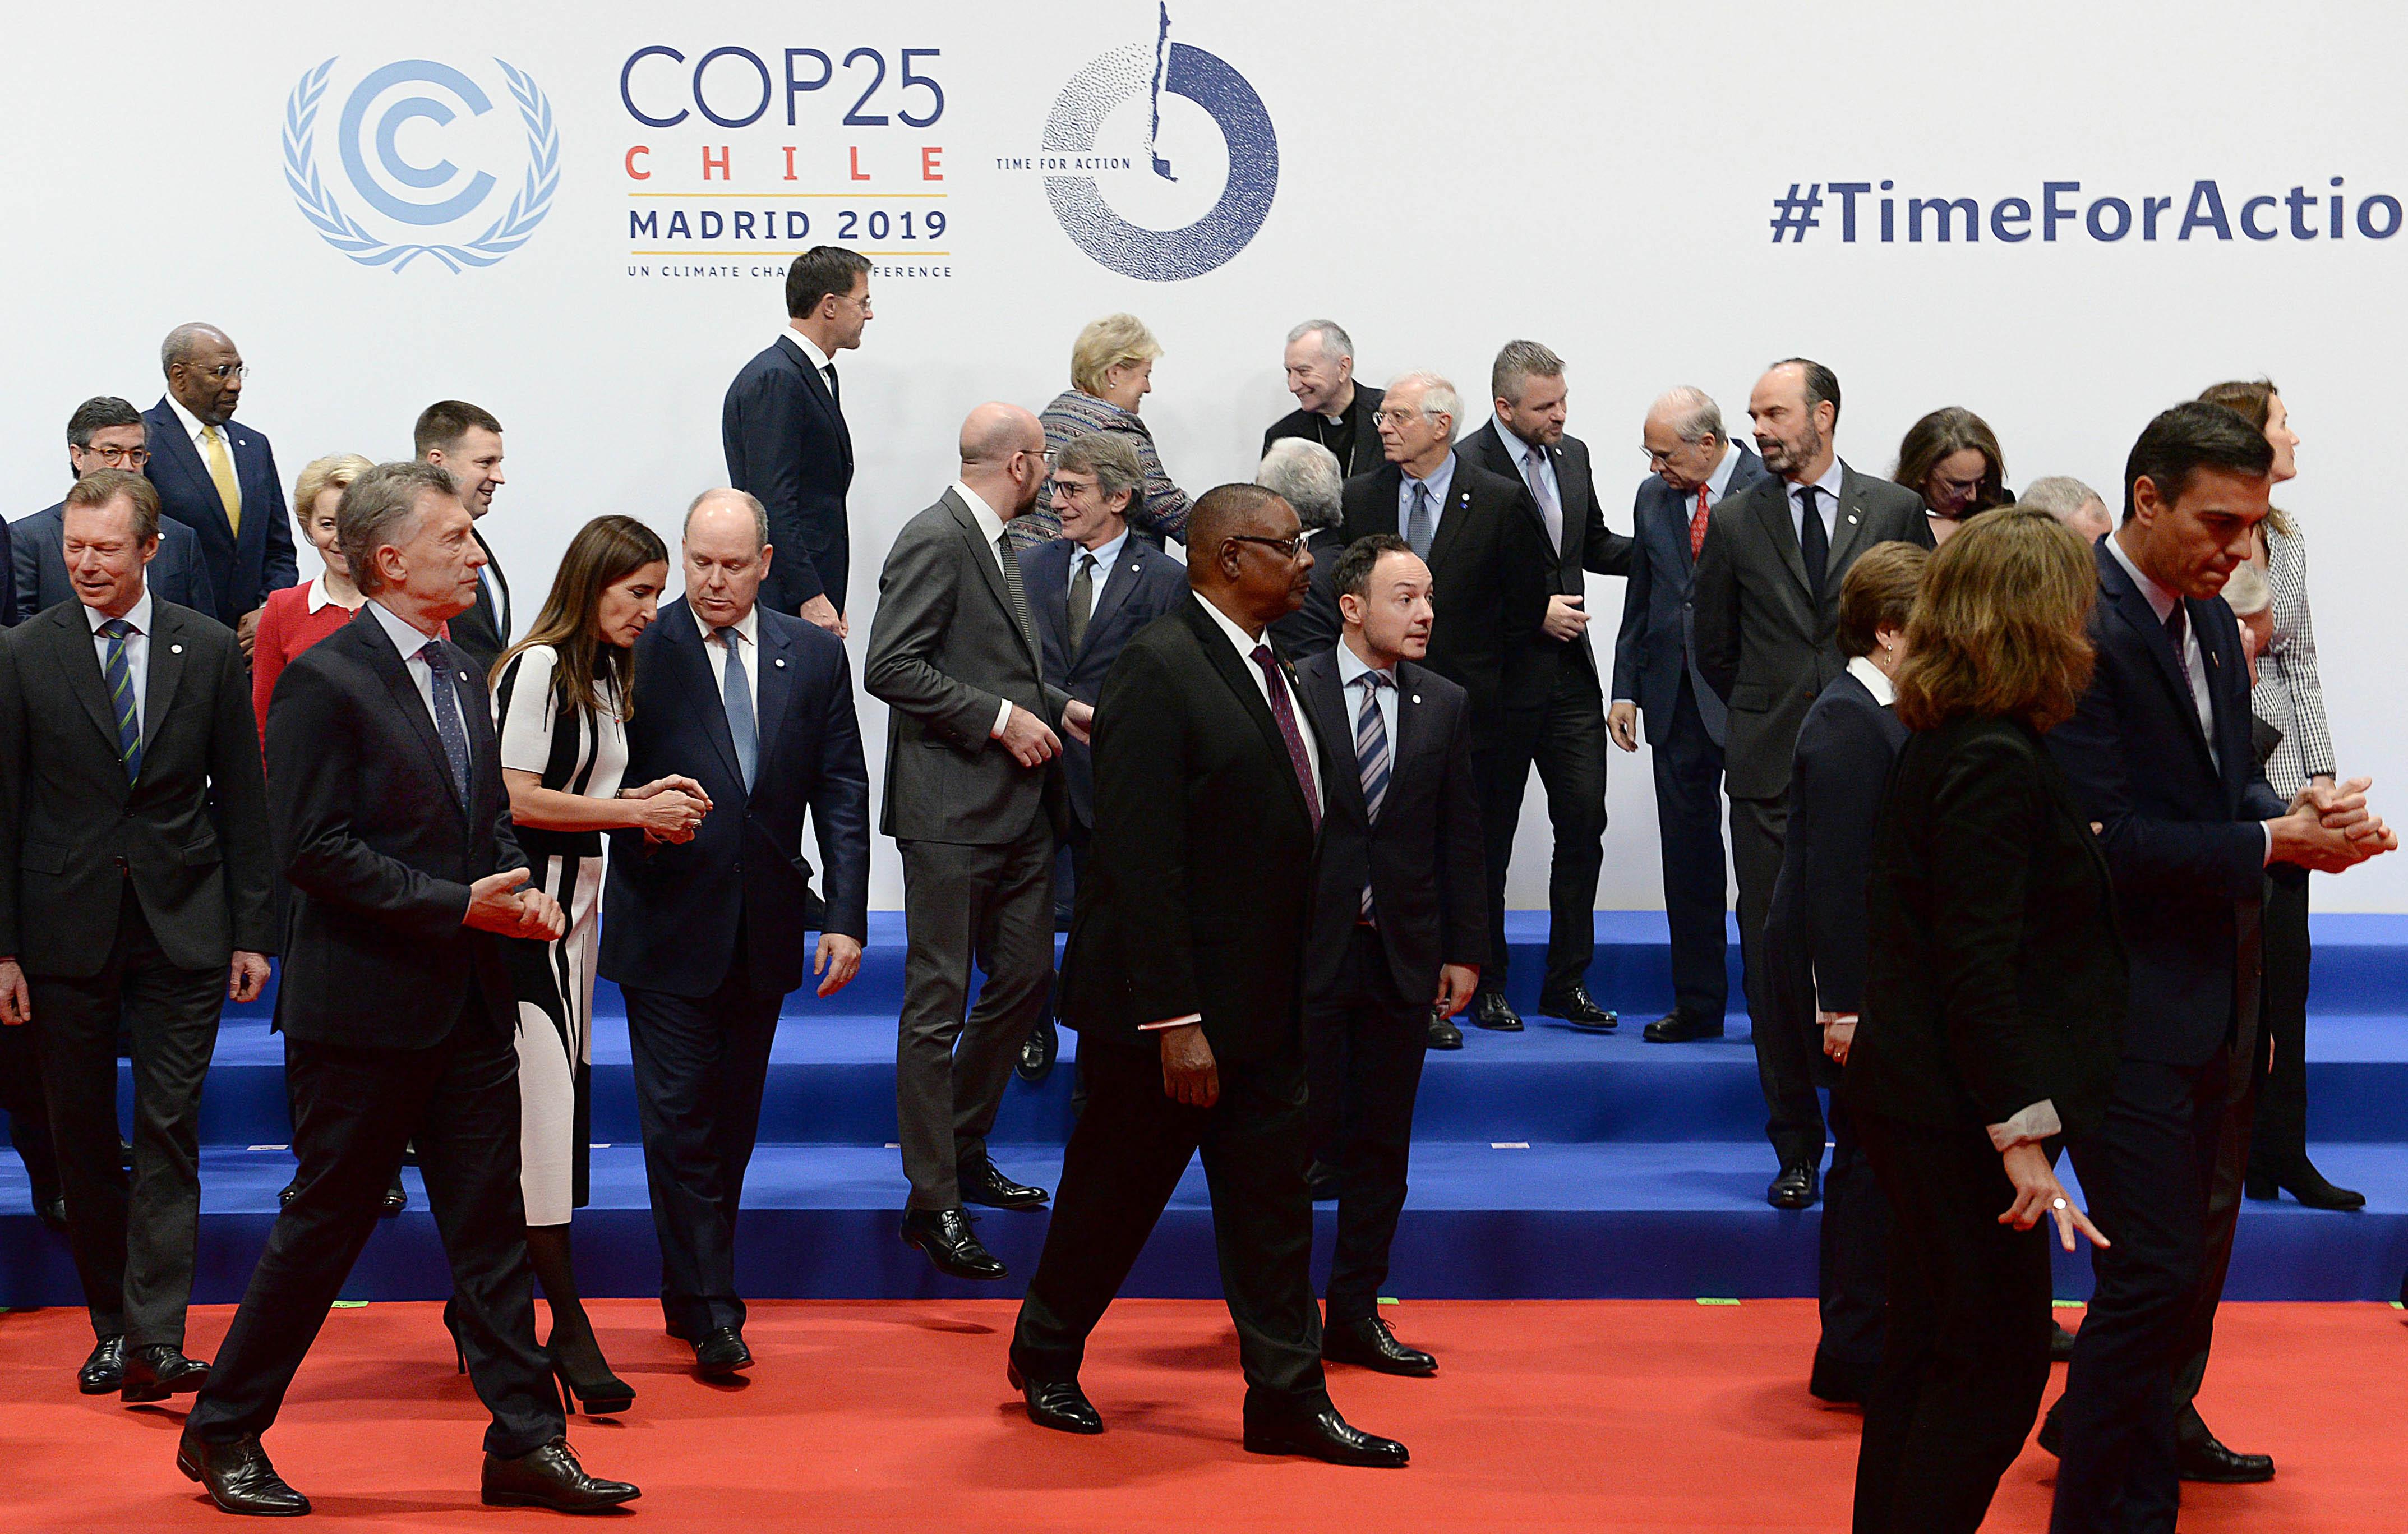 El Presidente Mauricio Macri junto a los representantes de otros países que participan de la XXV Conferencia de Naciones Unidas sobre el Cambio Climático.